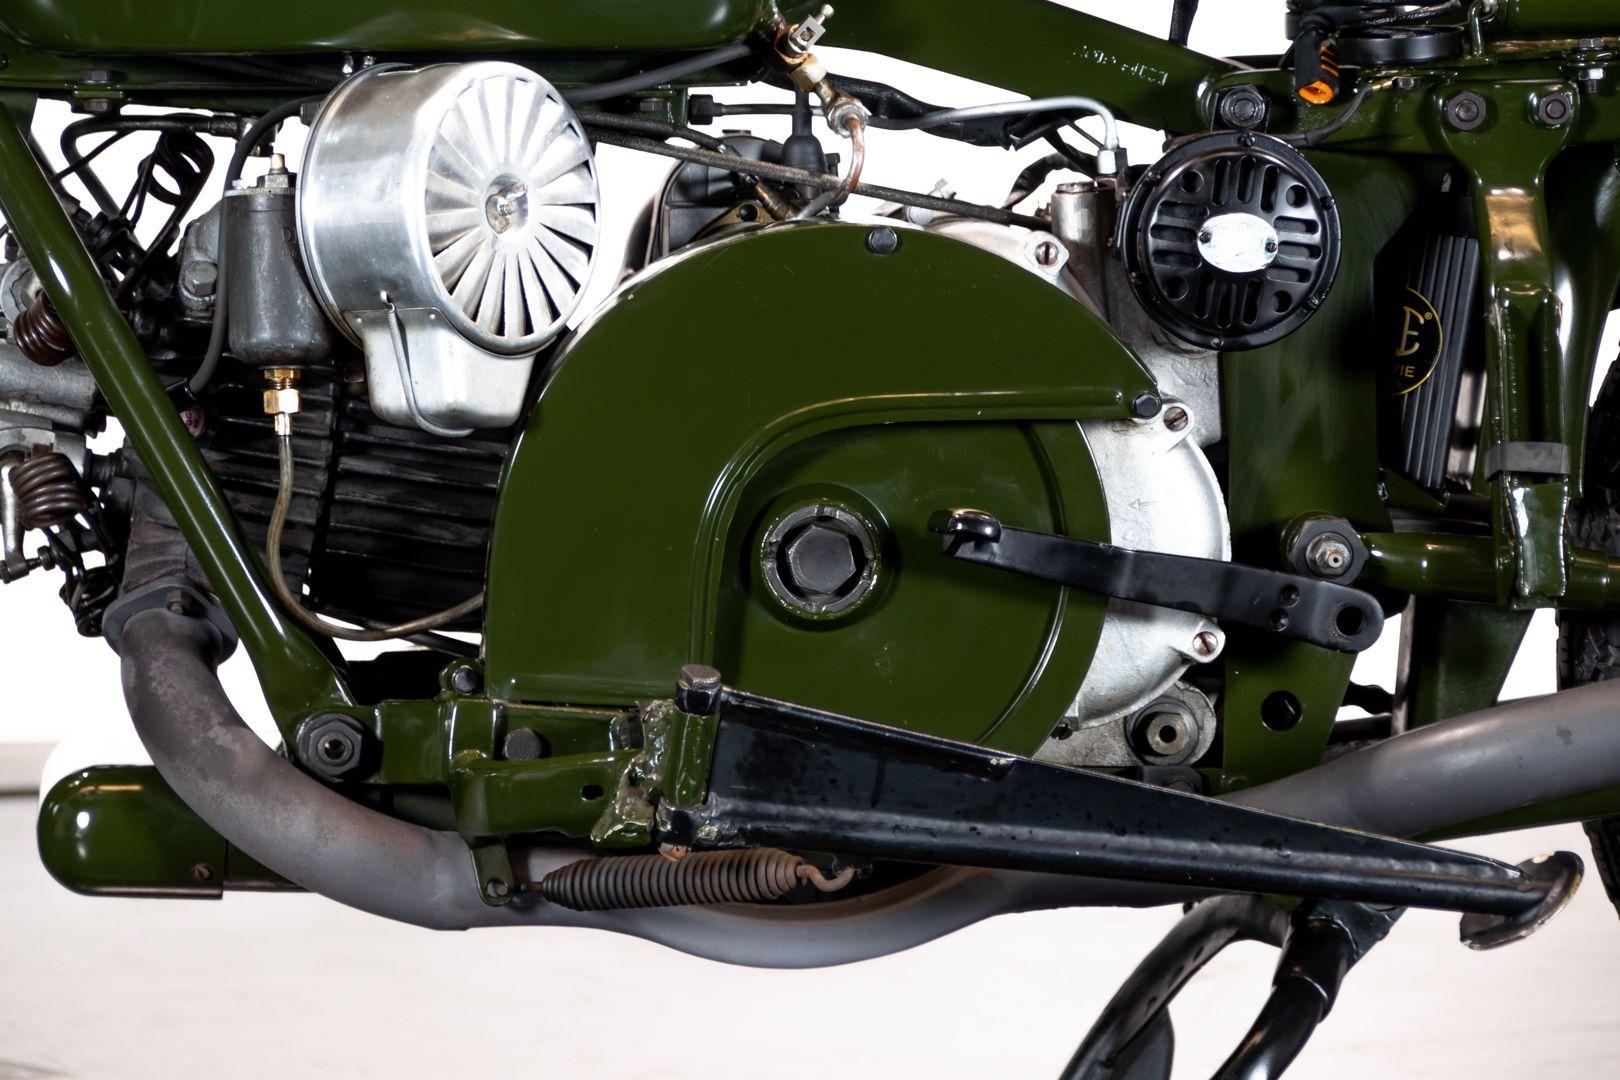 1977 Moto Guzzi 500 Super Alce 59436